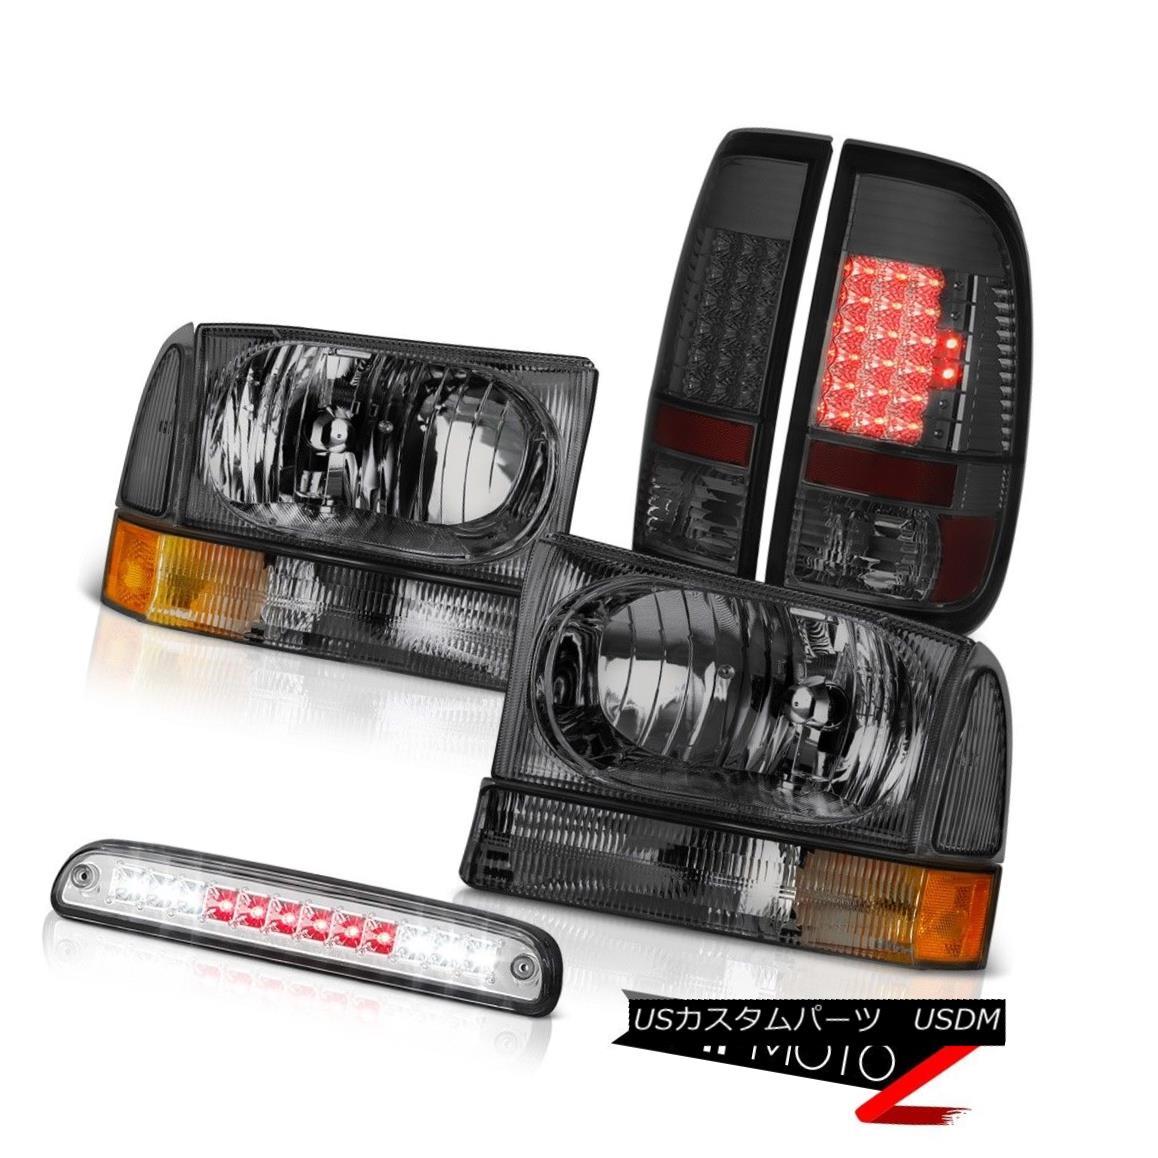 テールライト 99 00 01 02 03 04 F250 5.4L Pair Smoke Headlamps Brake Tail Light Chrome 3rd LED 99 00 01 02 03 04 F250 5.4Lペアスモークヘッドランプブレーキテールライトクローム第3 LED